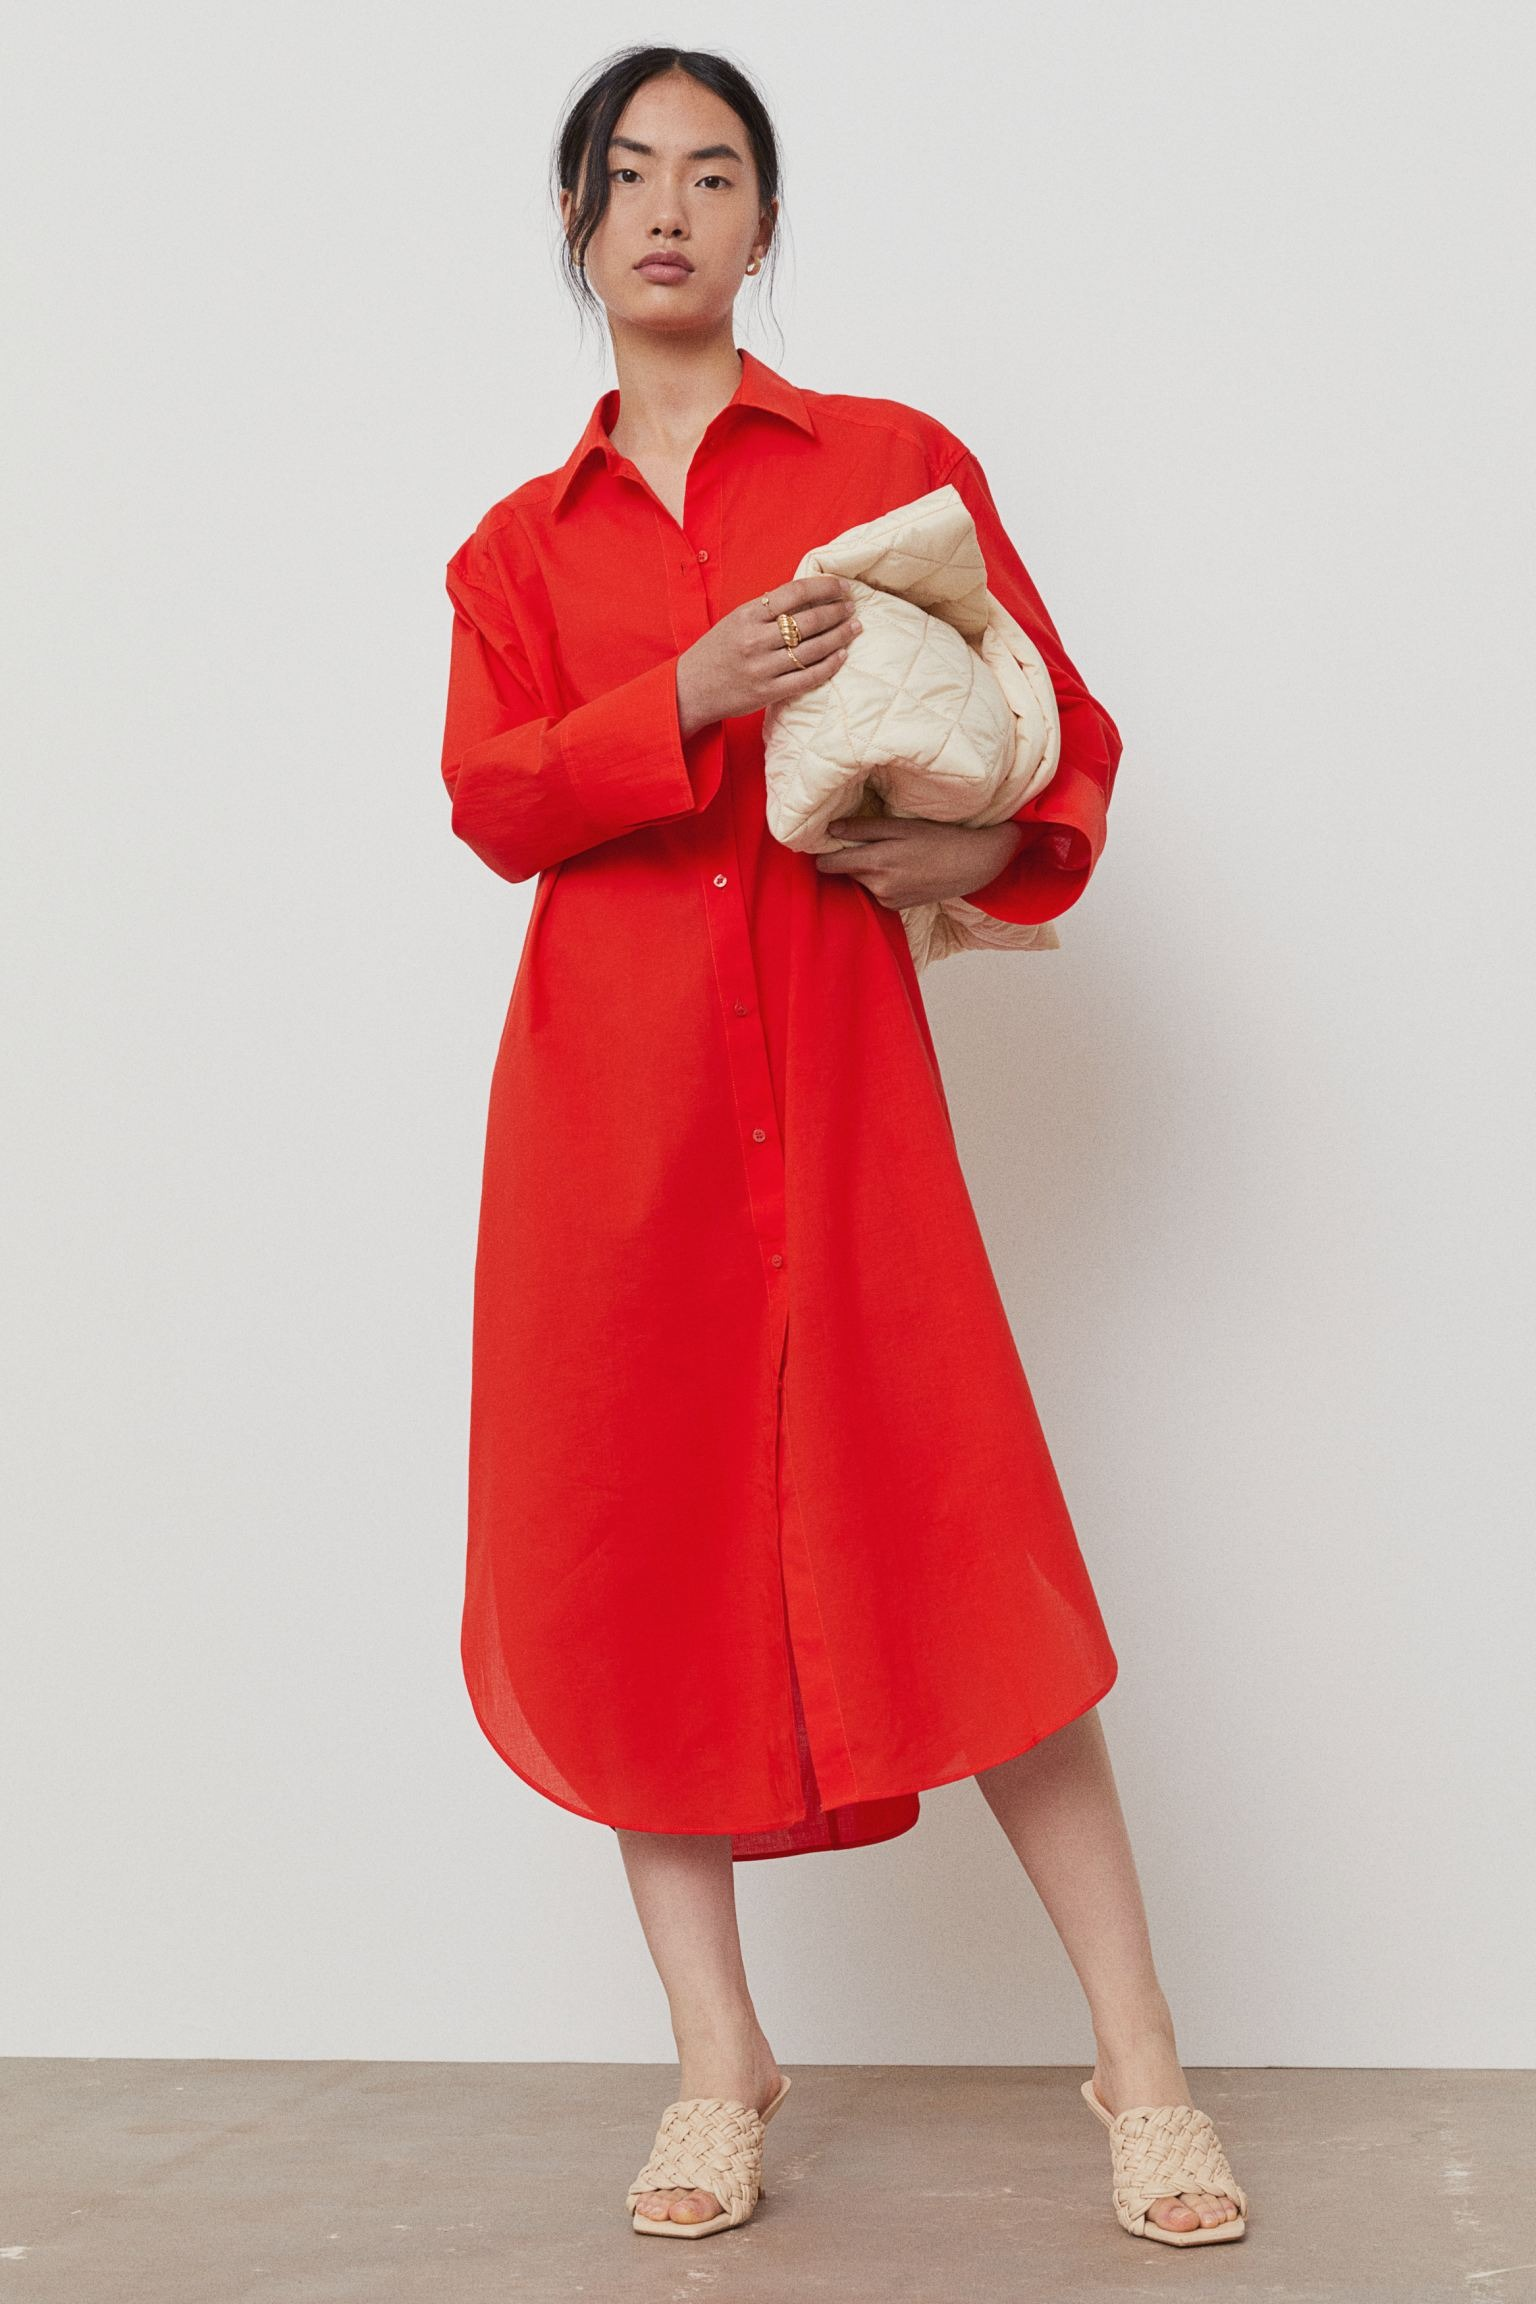 Vestido rojo camisero de H&M